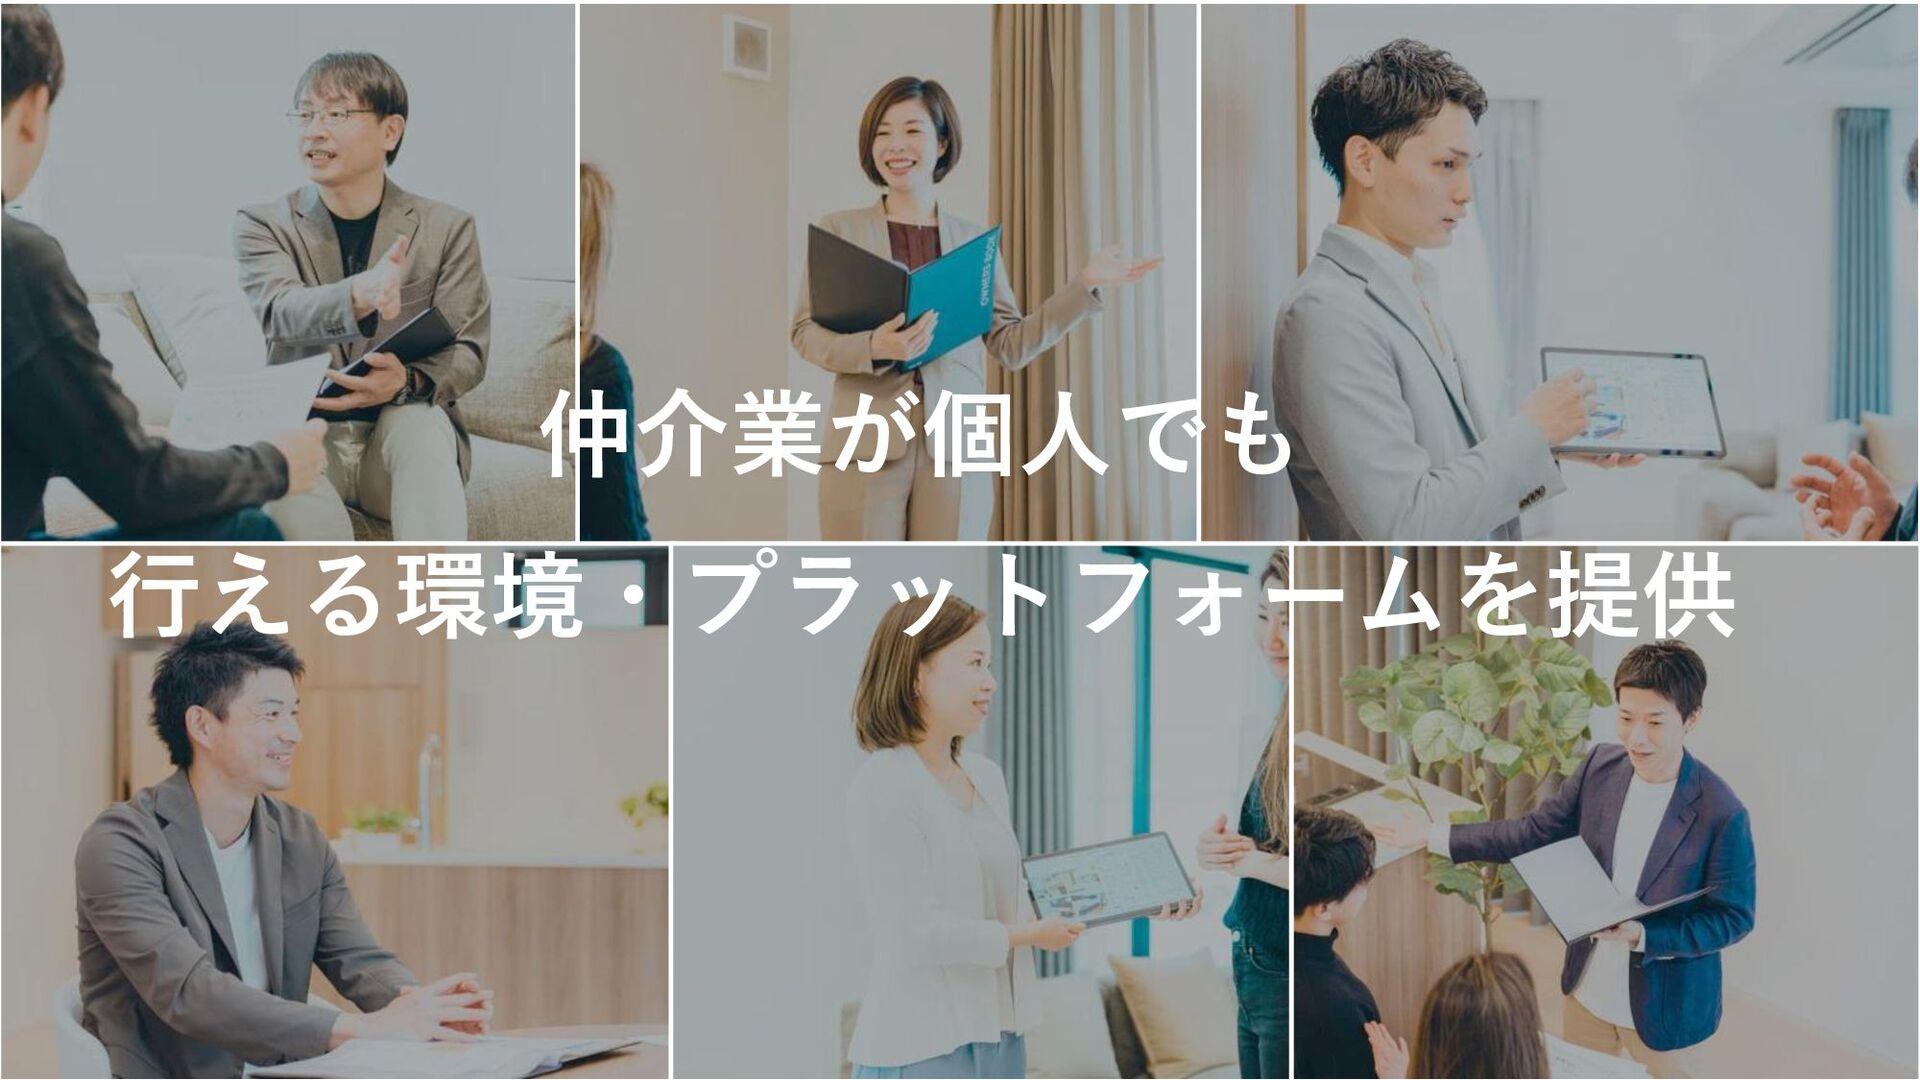 17 検索結果画面(カスタマーの個人情報は初期非公開) カスタマー詳細画面・メッセージ画面